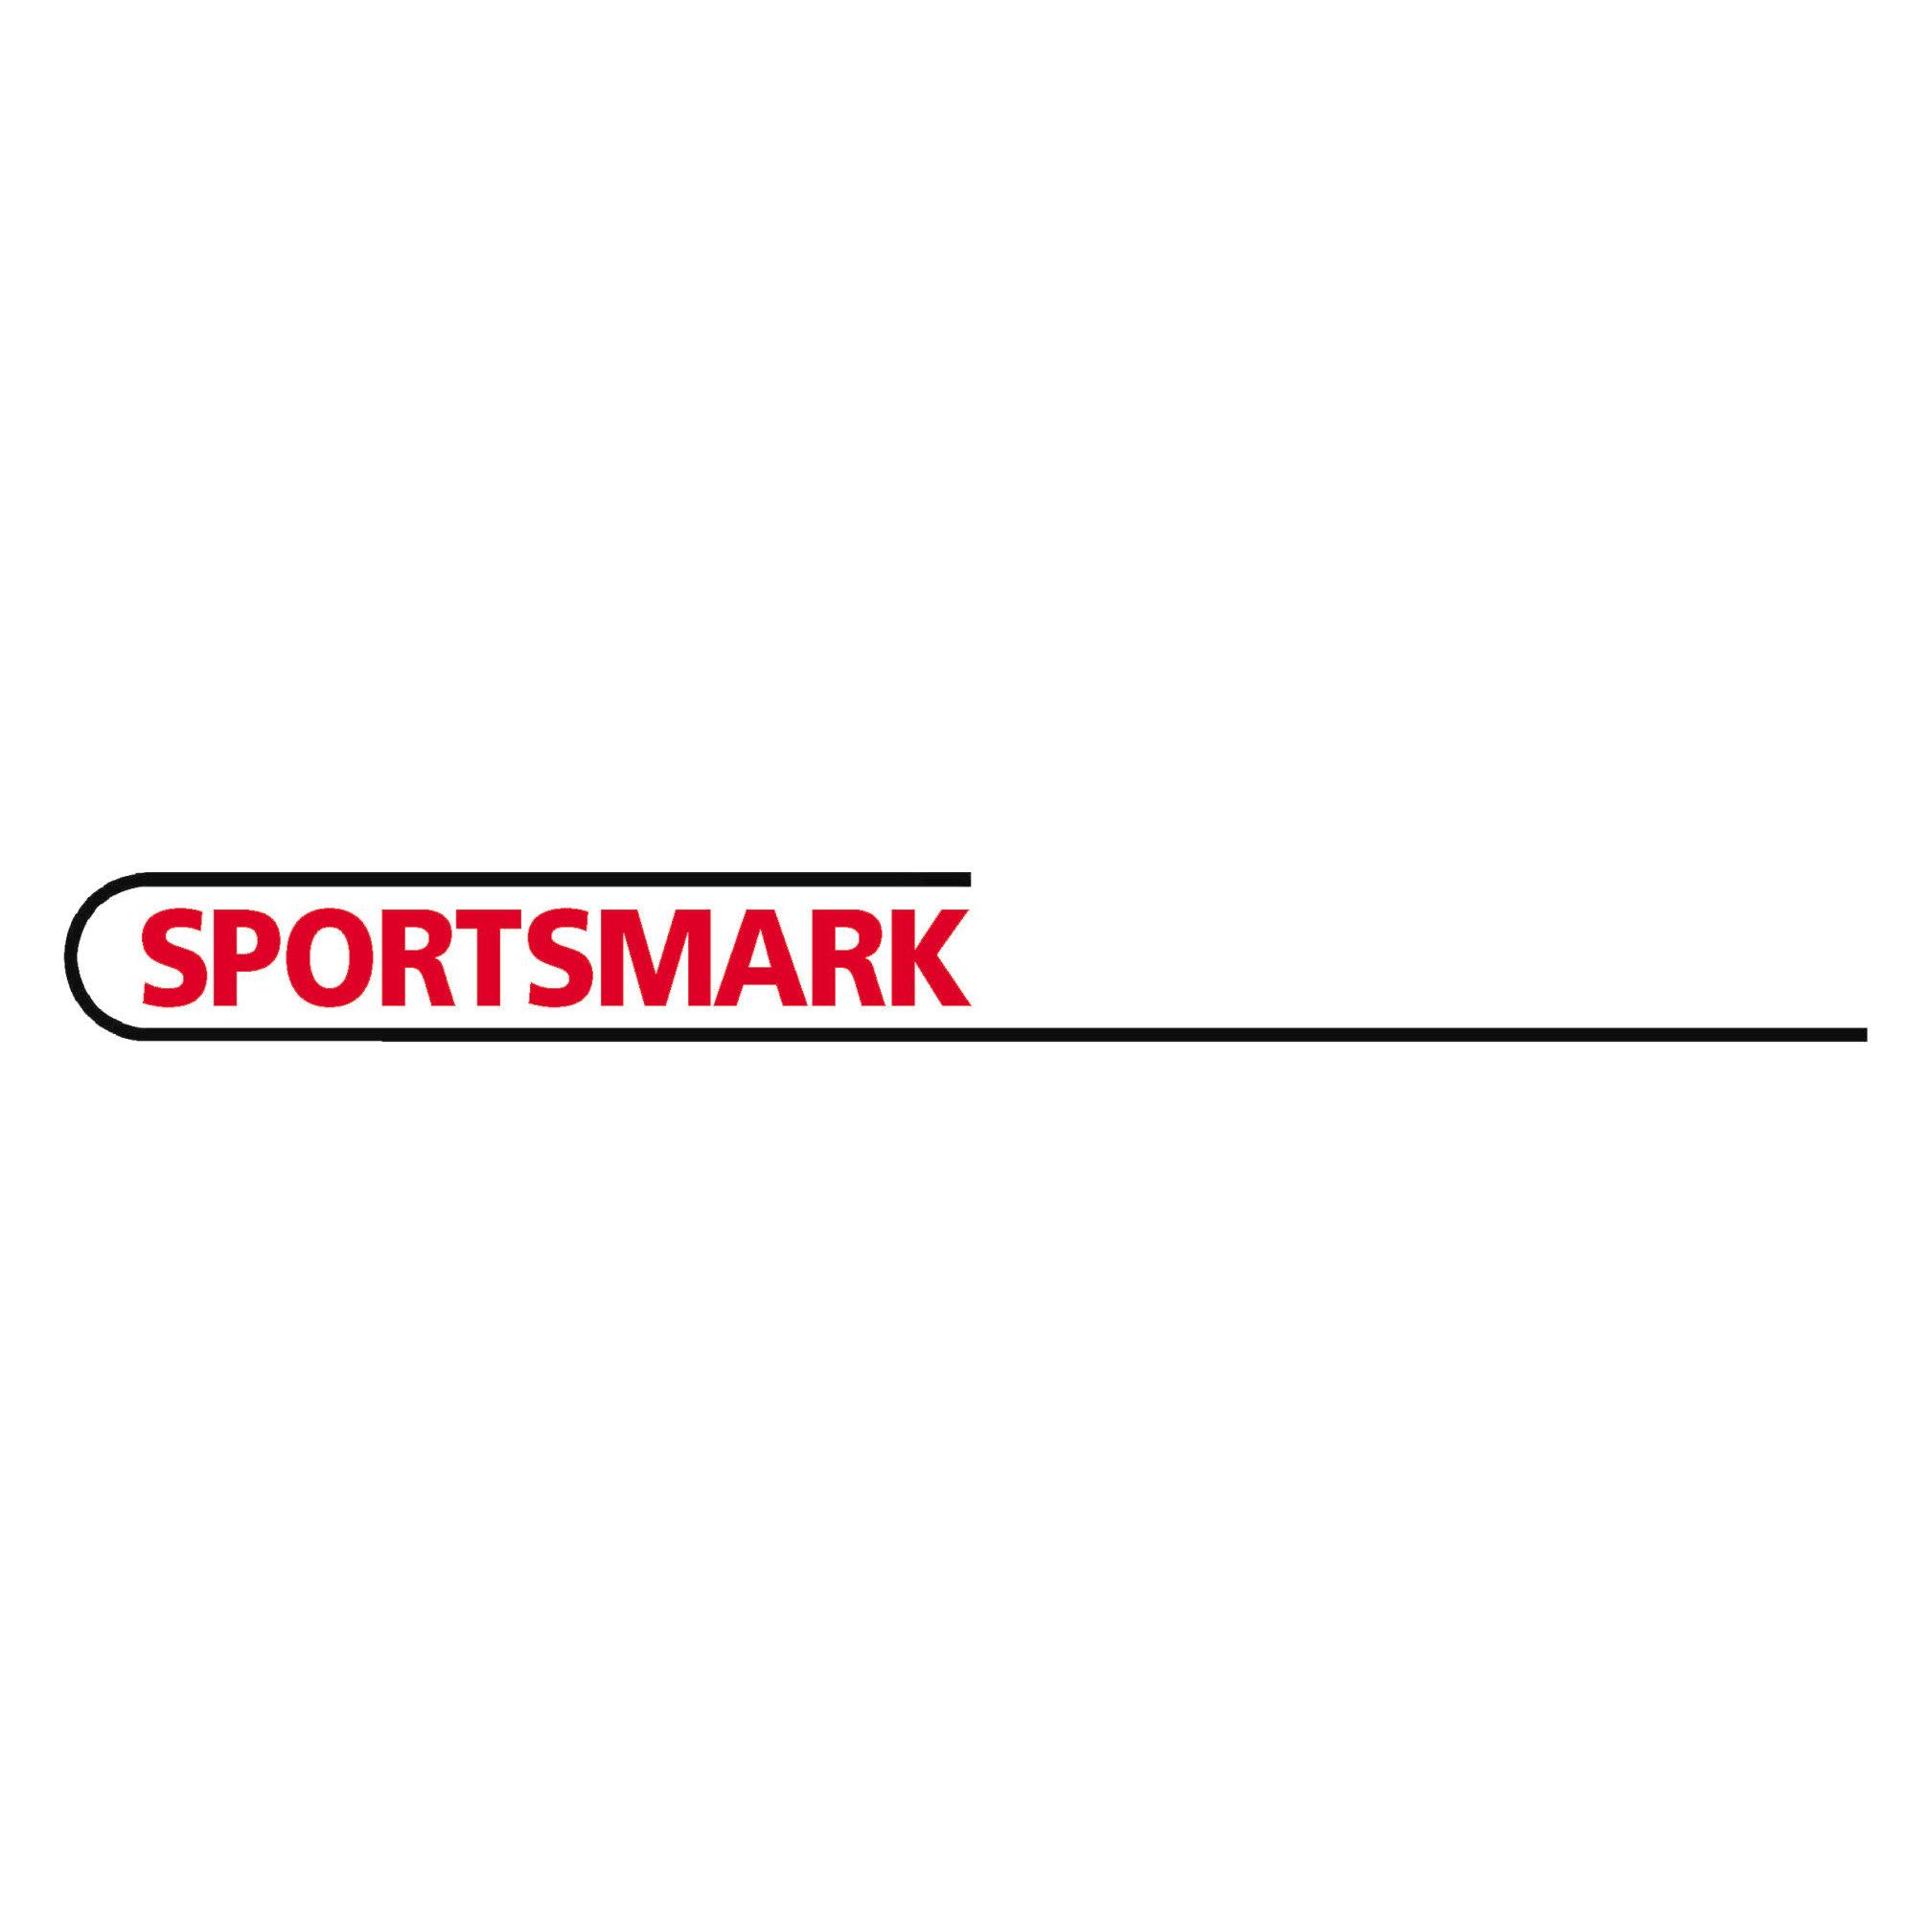 Sportsmark Group Ltd